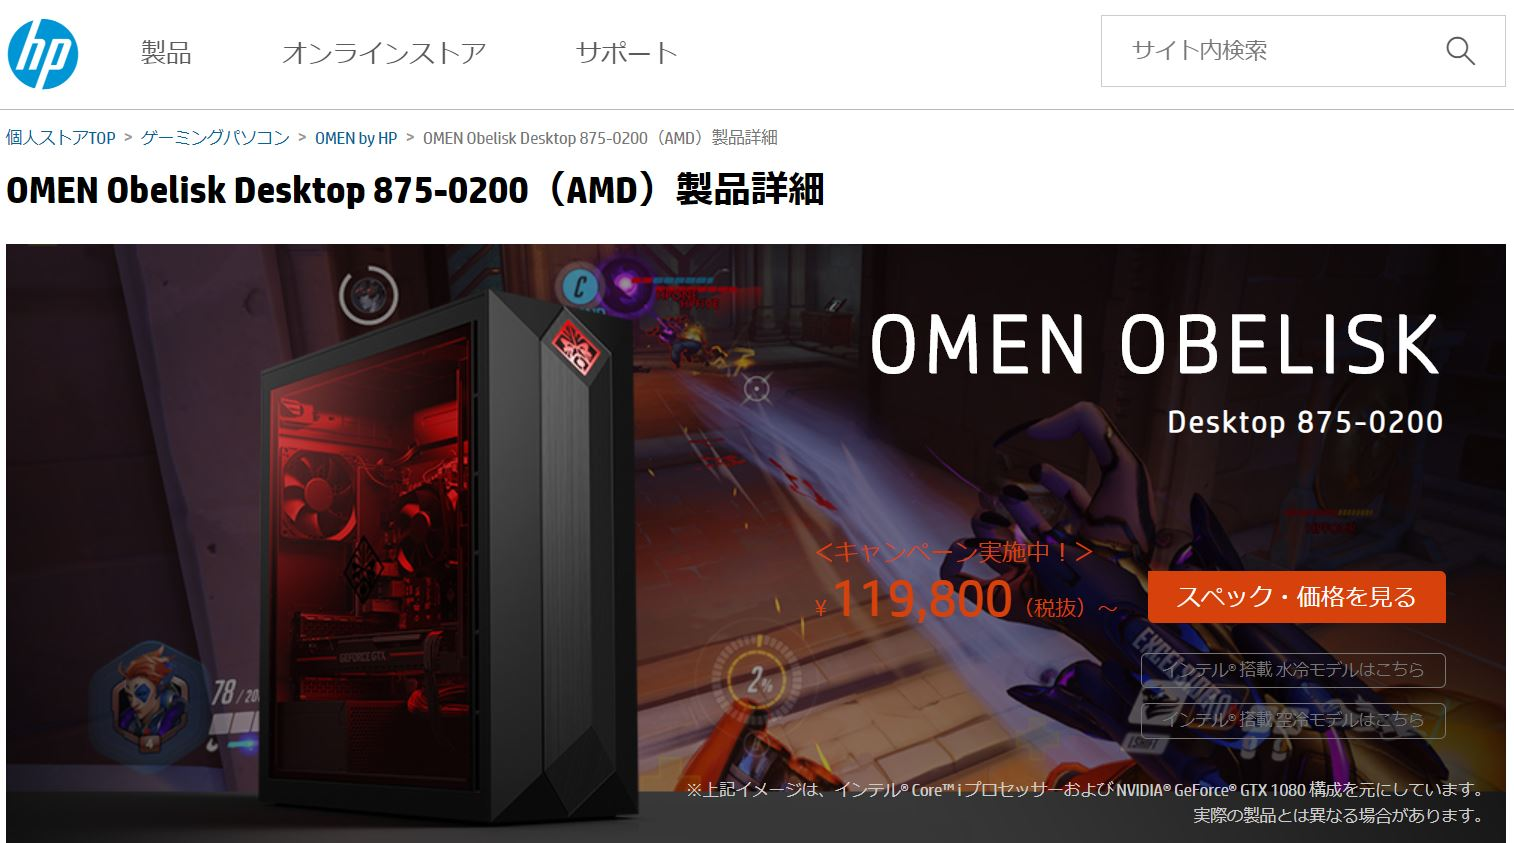 OMEN by HP Obelisk Desktop 875-0208jp